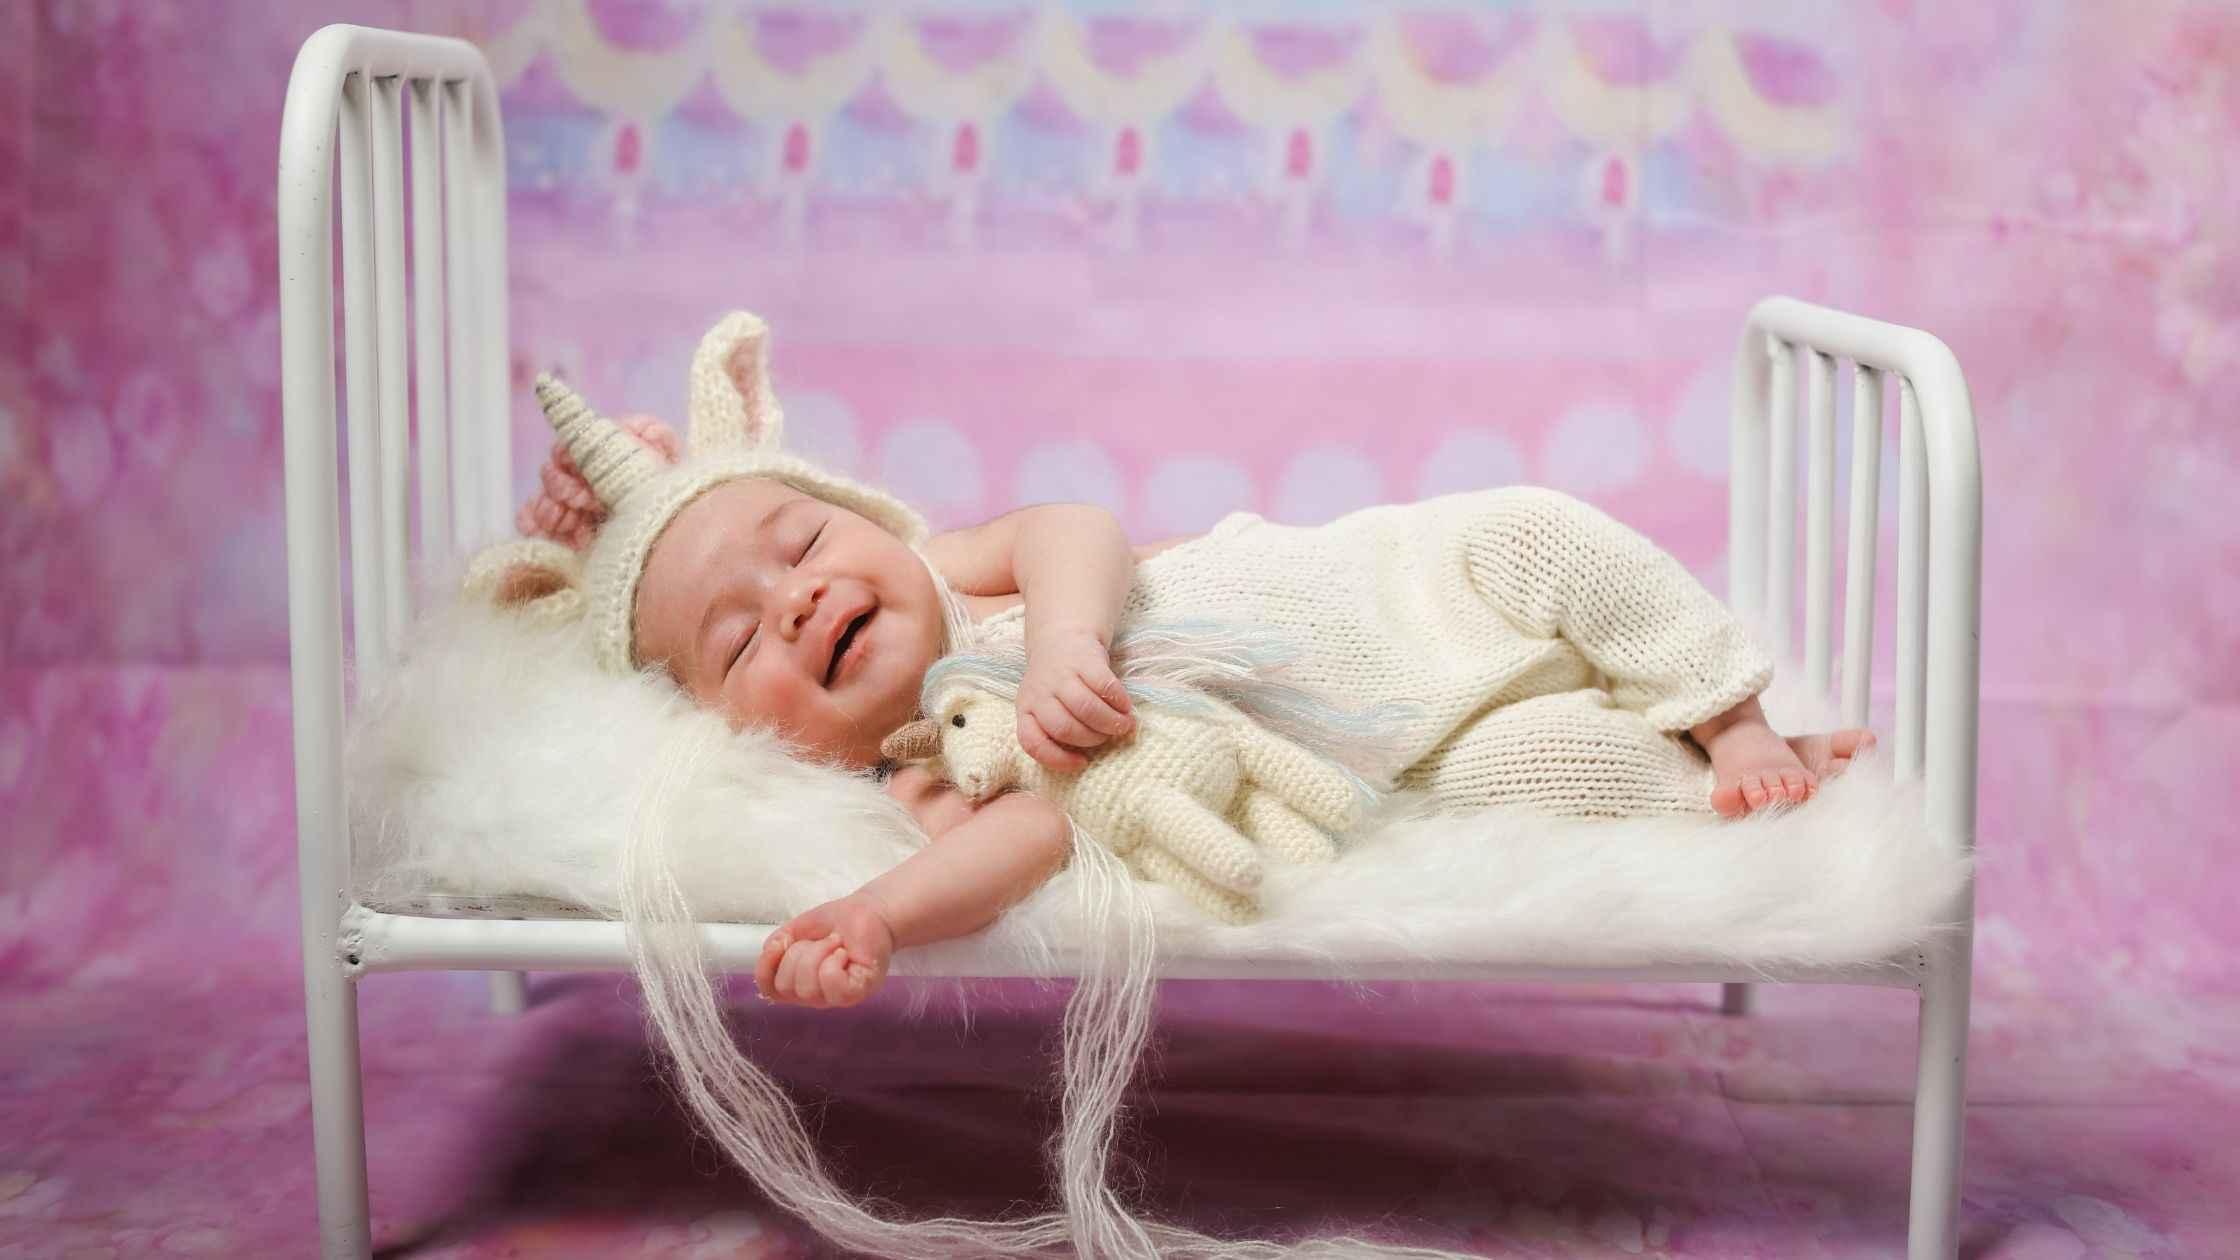 Baby Sleep Tips – Making Your Baby Comfortable - SupermomGlobal